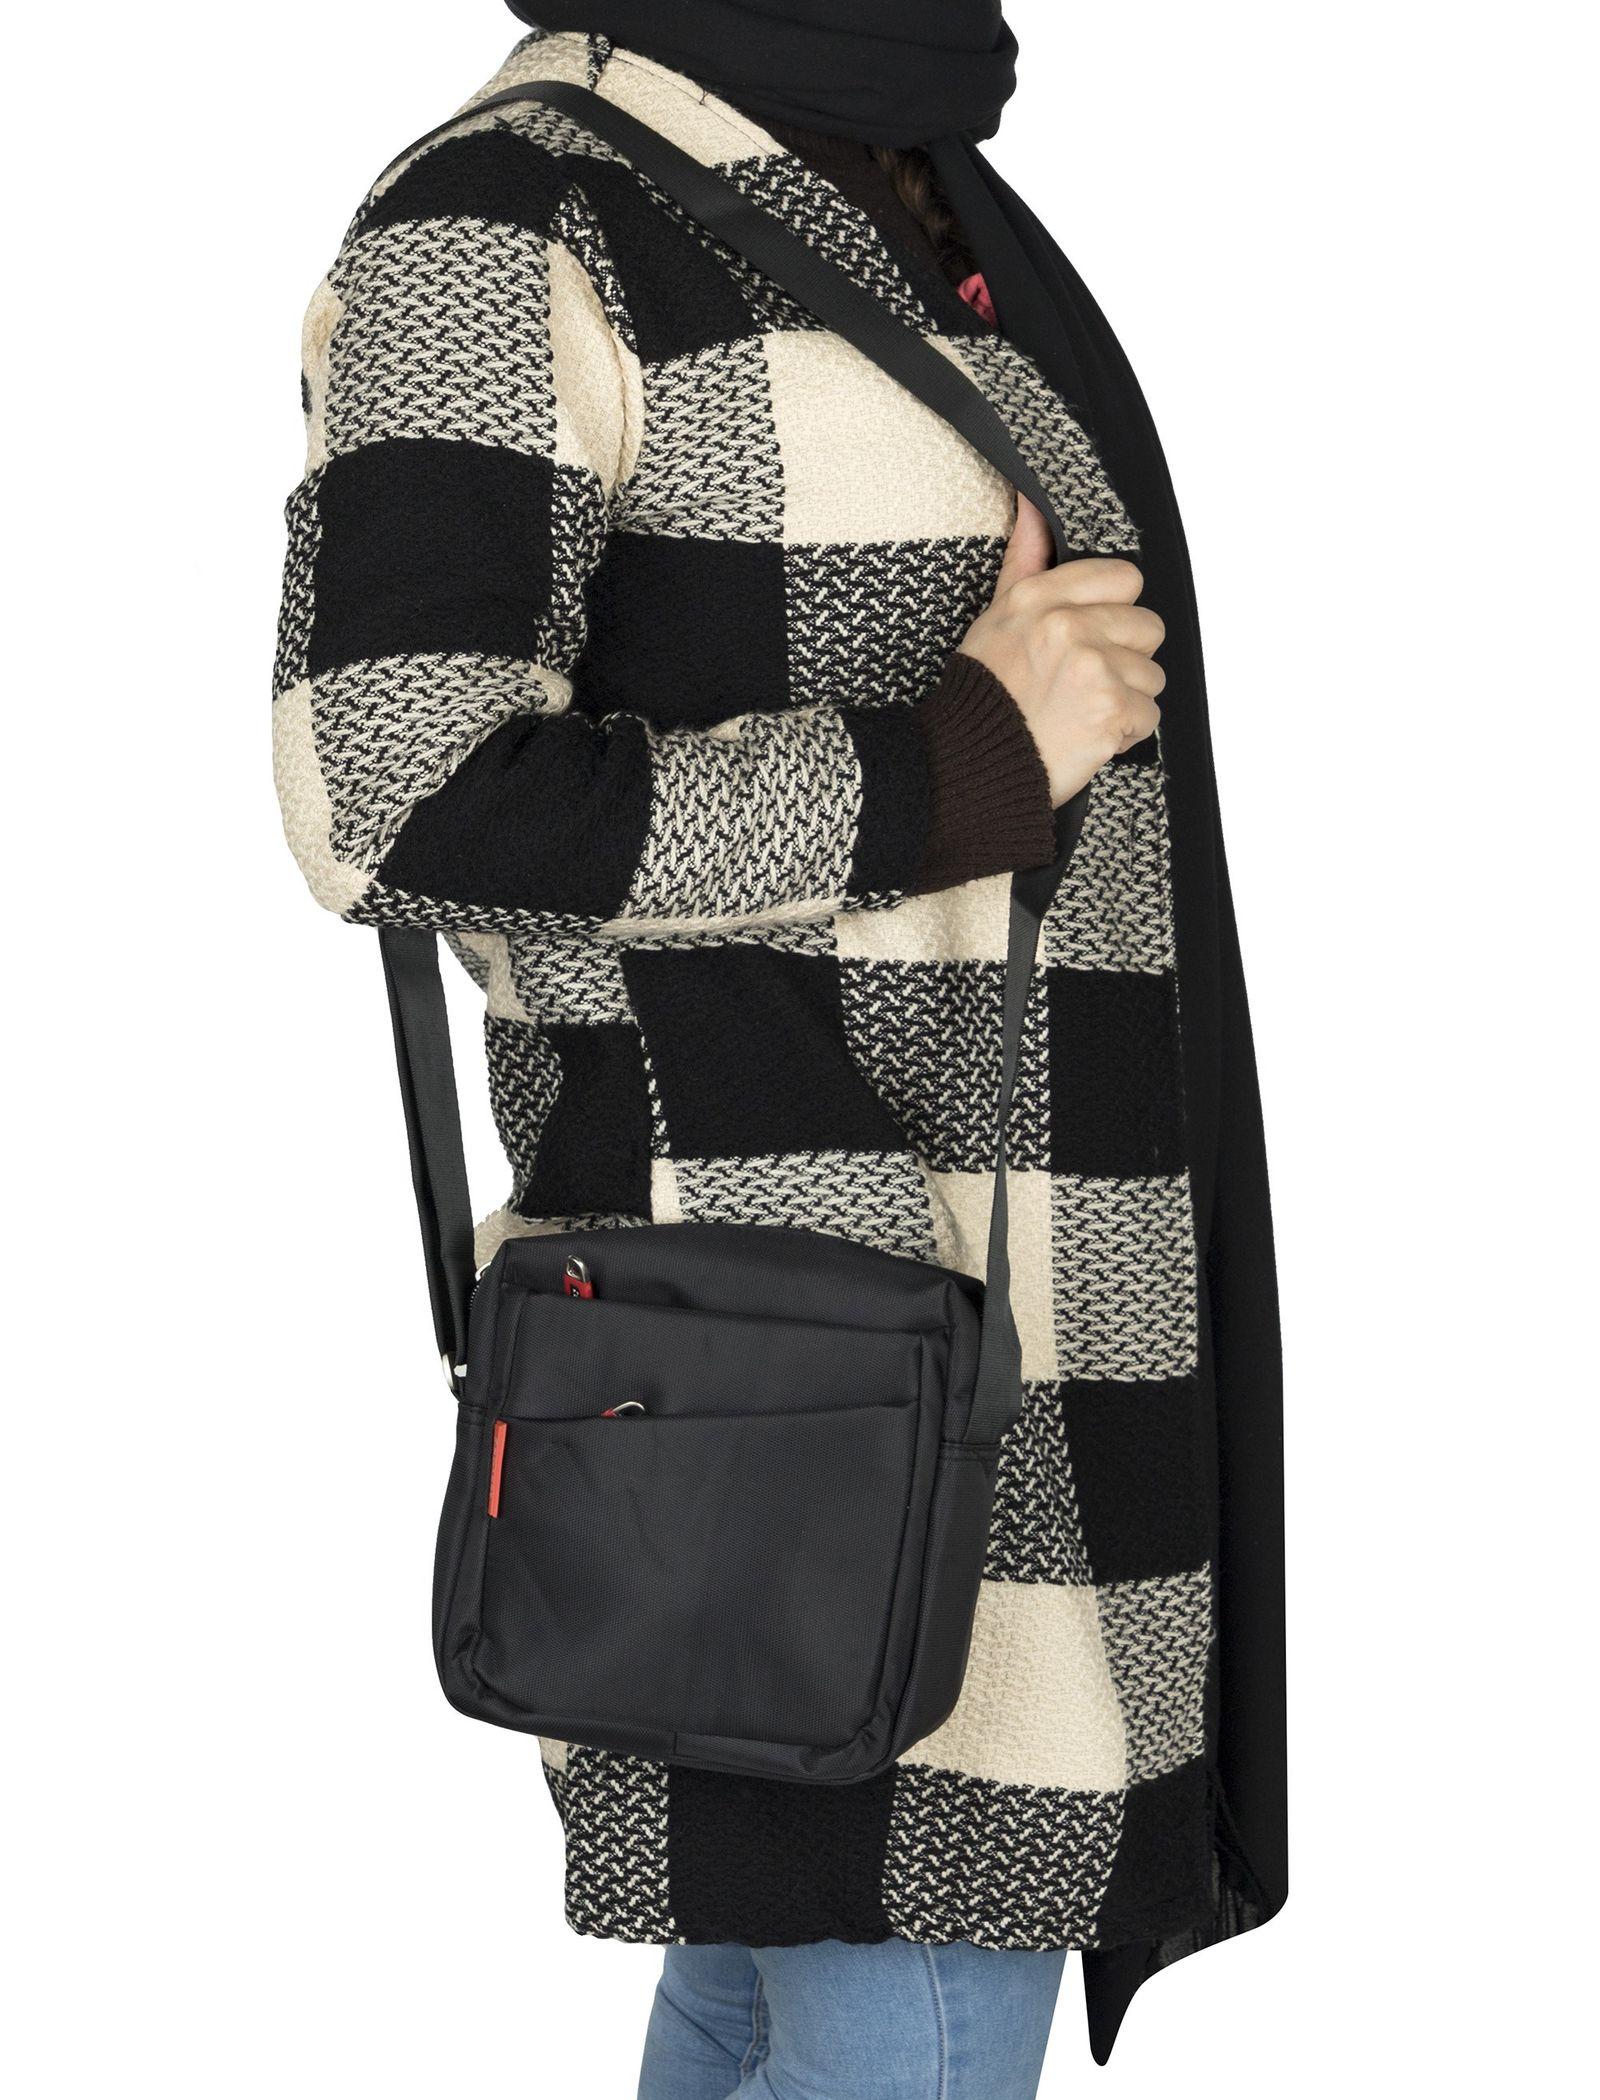 کیف دوشی روزمره بزرگسال - دادلین تک سایز - مشکي - 2